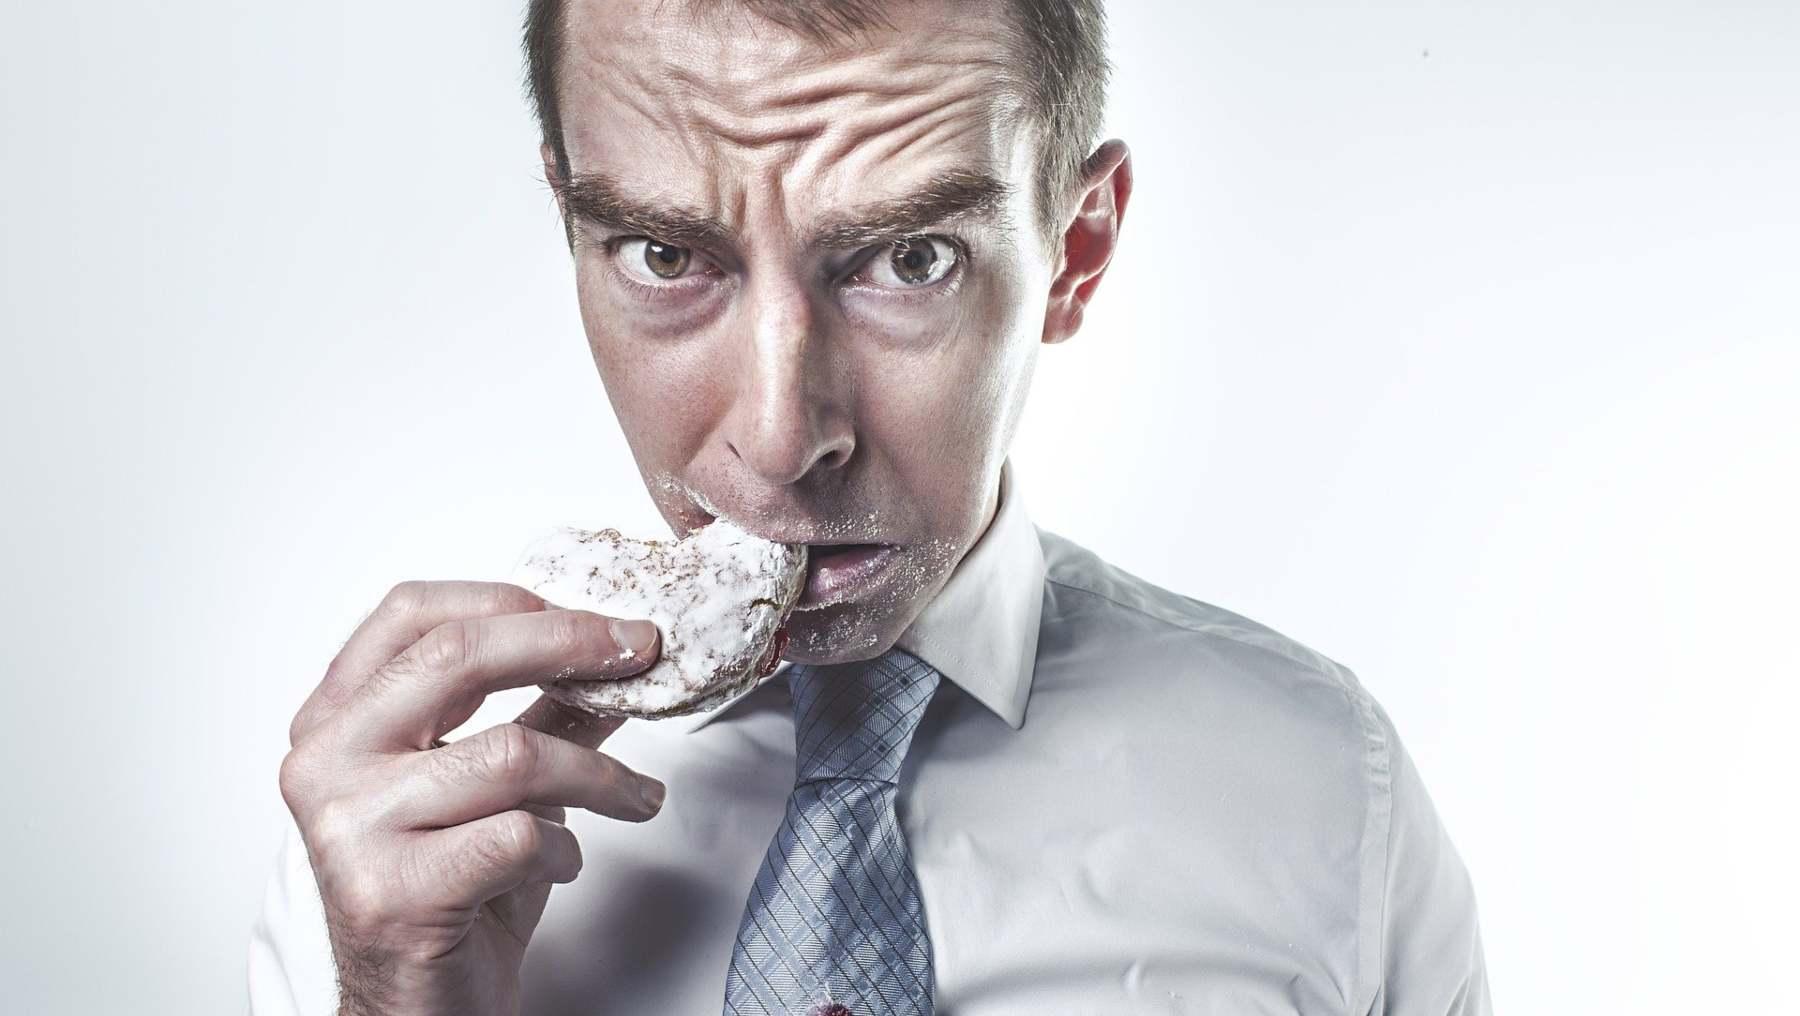 Persona sin comer